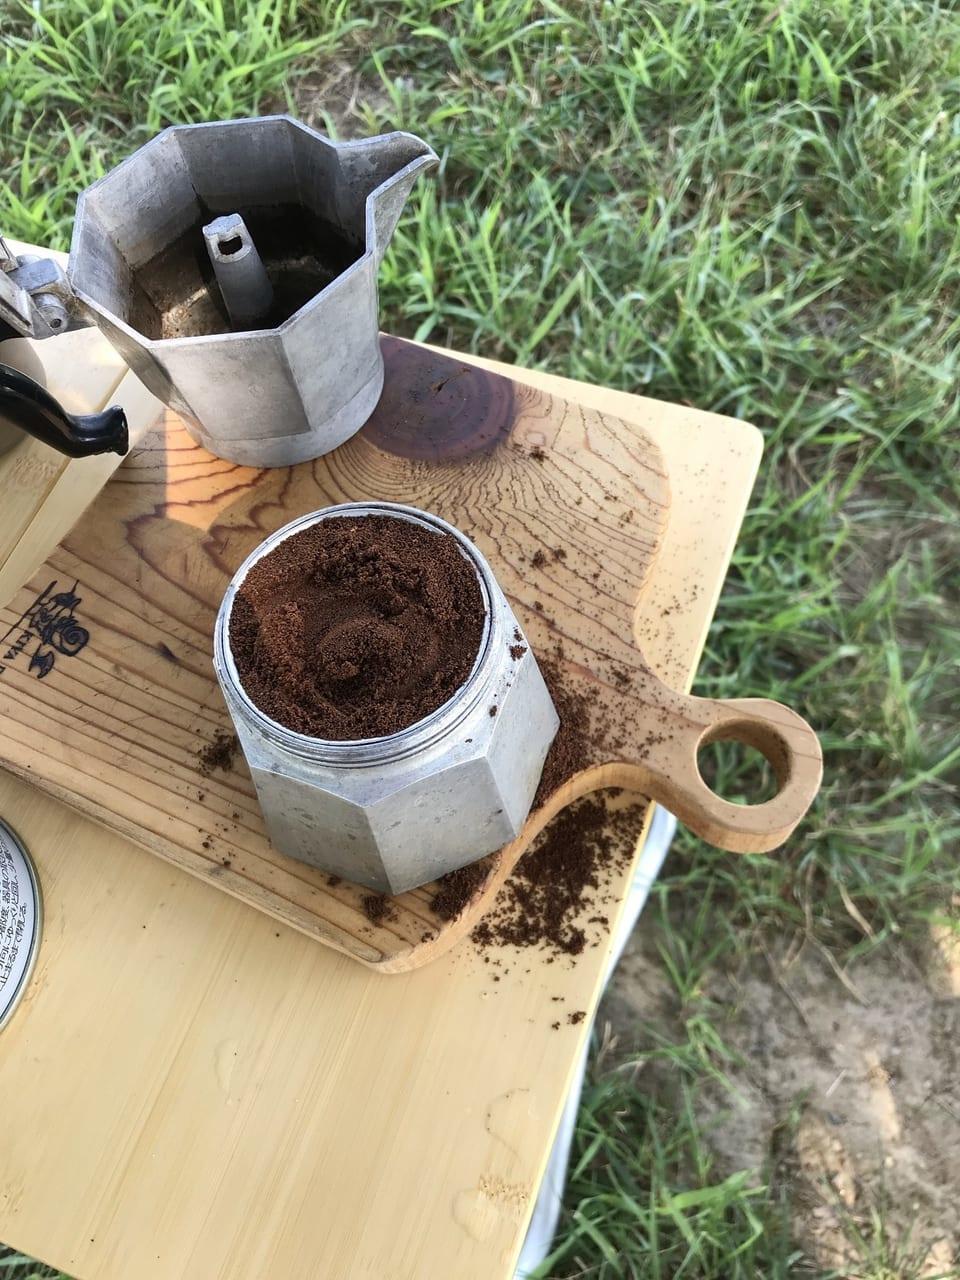 /コーヒー豆を入れた写真-e1566468823526